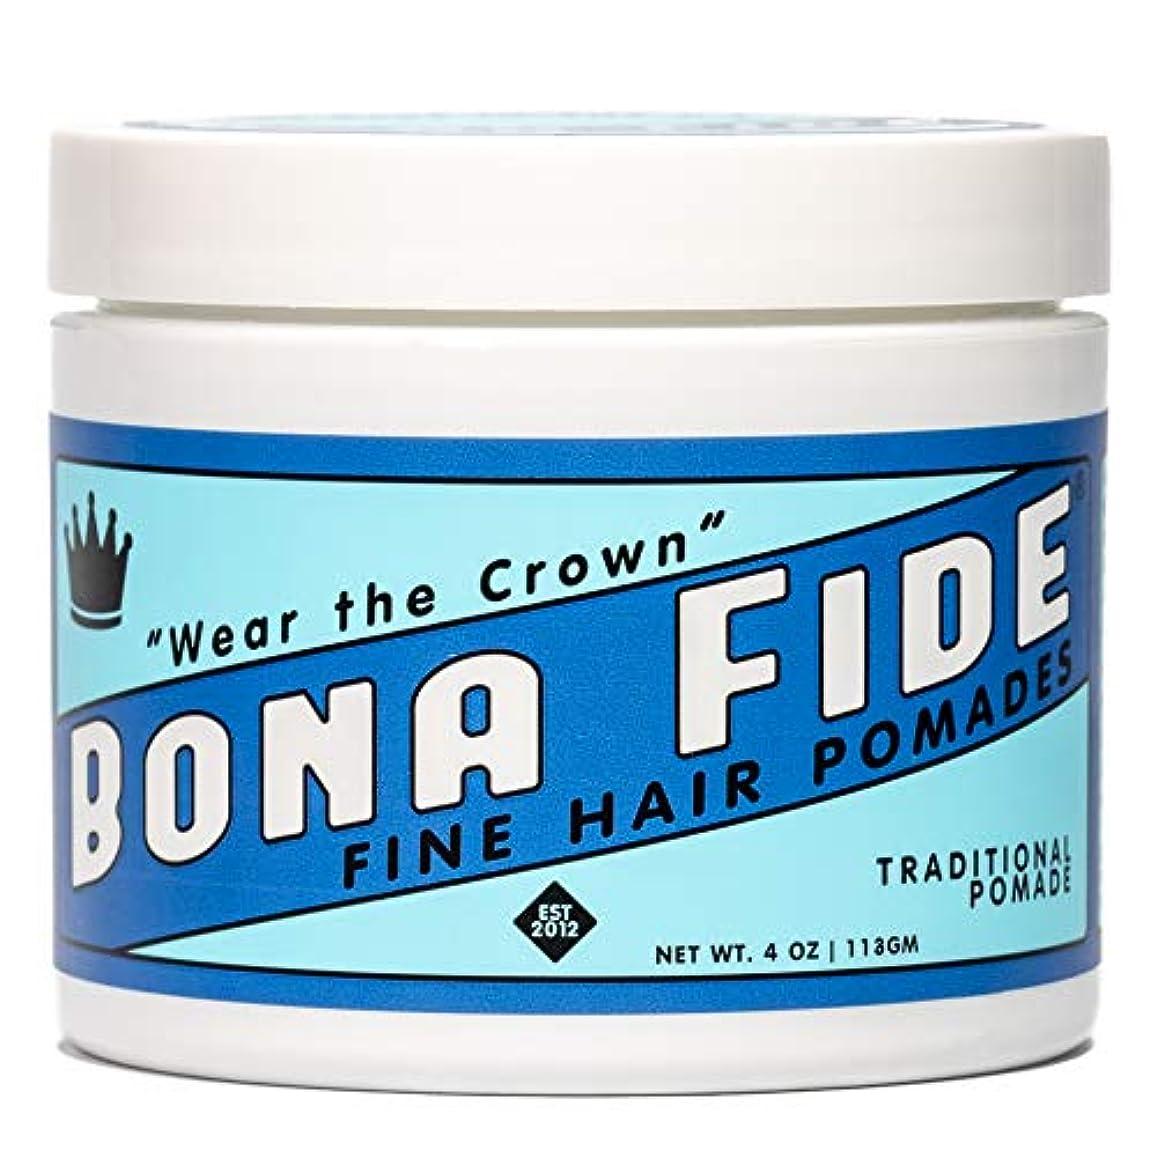 混合スペシャリスト魂Bona Fide Pomade, トラディショナルポマード, TRADITIONAL POMADE, 4oz (113g)、オイルベースポマード (整髪料/ヘアー スタイリング剤)